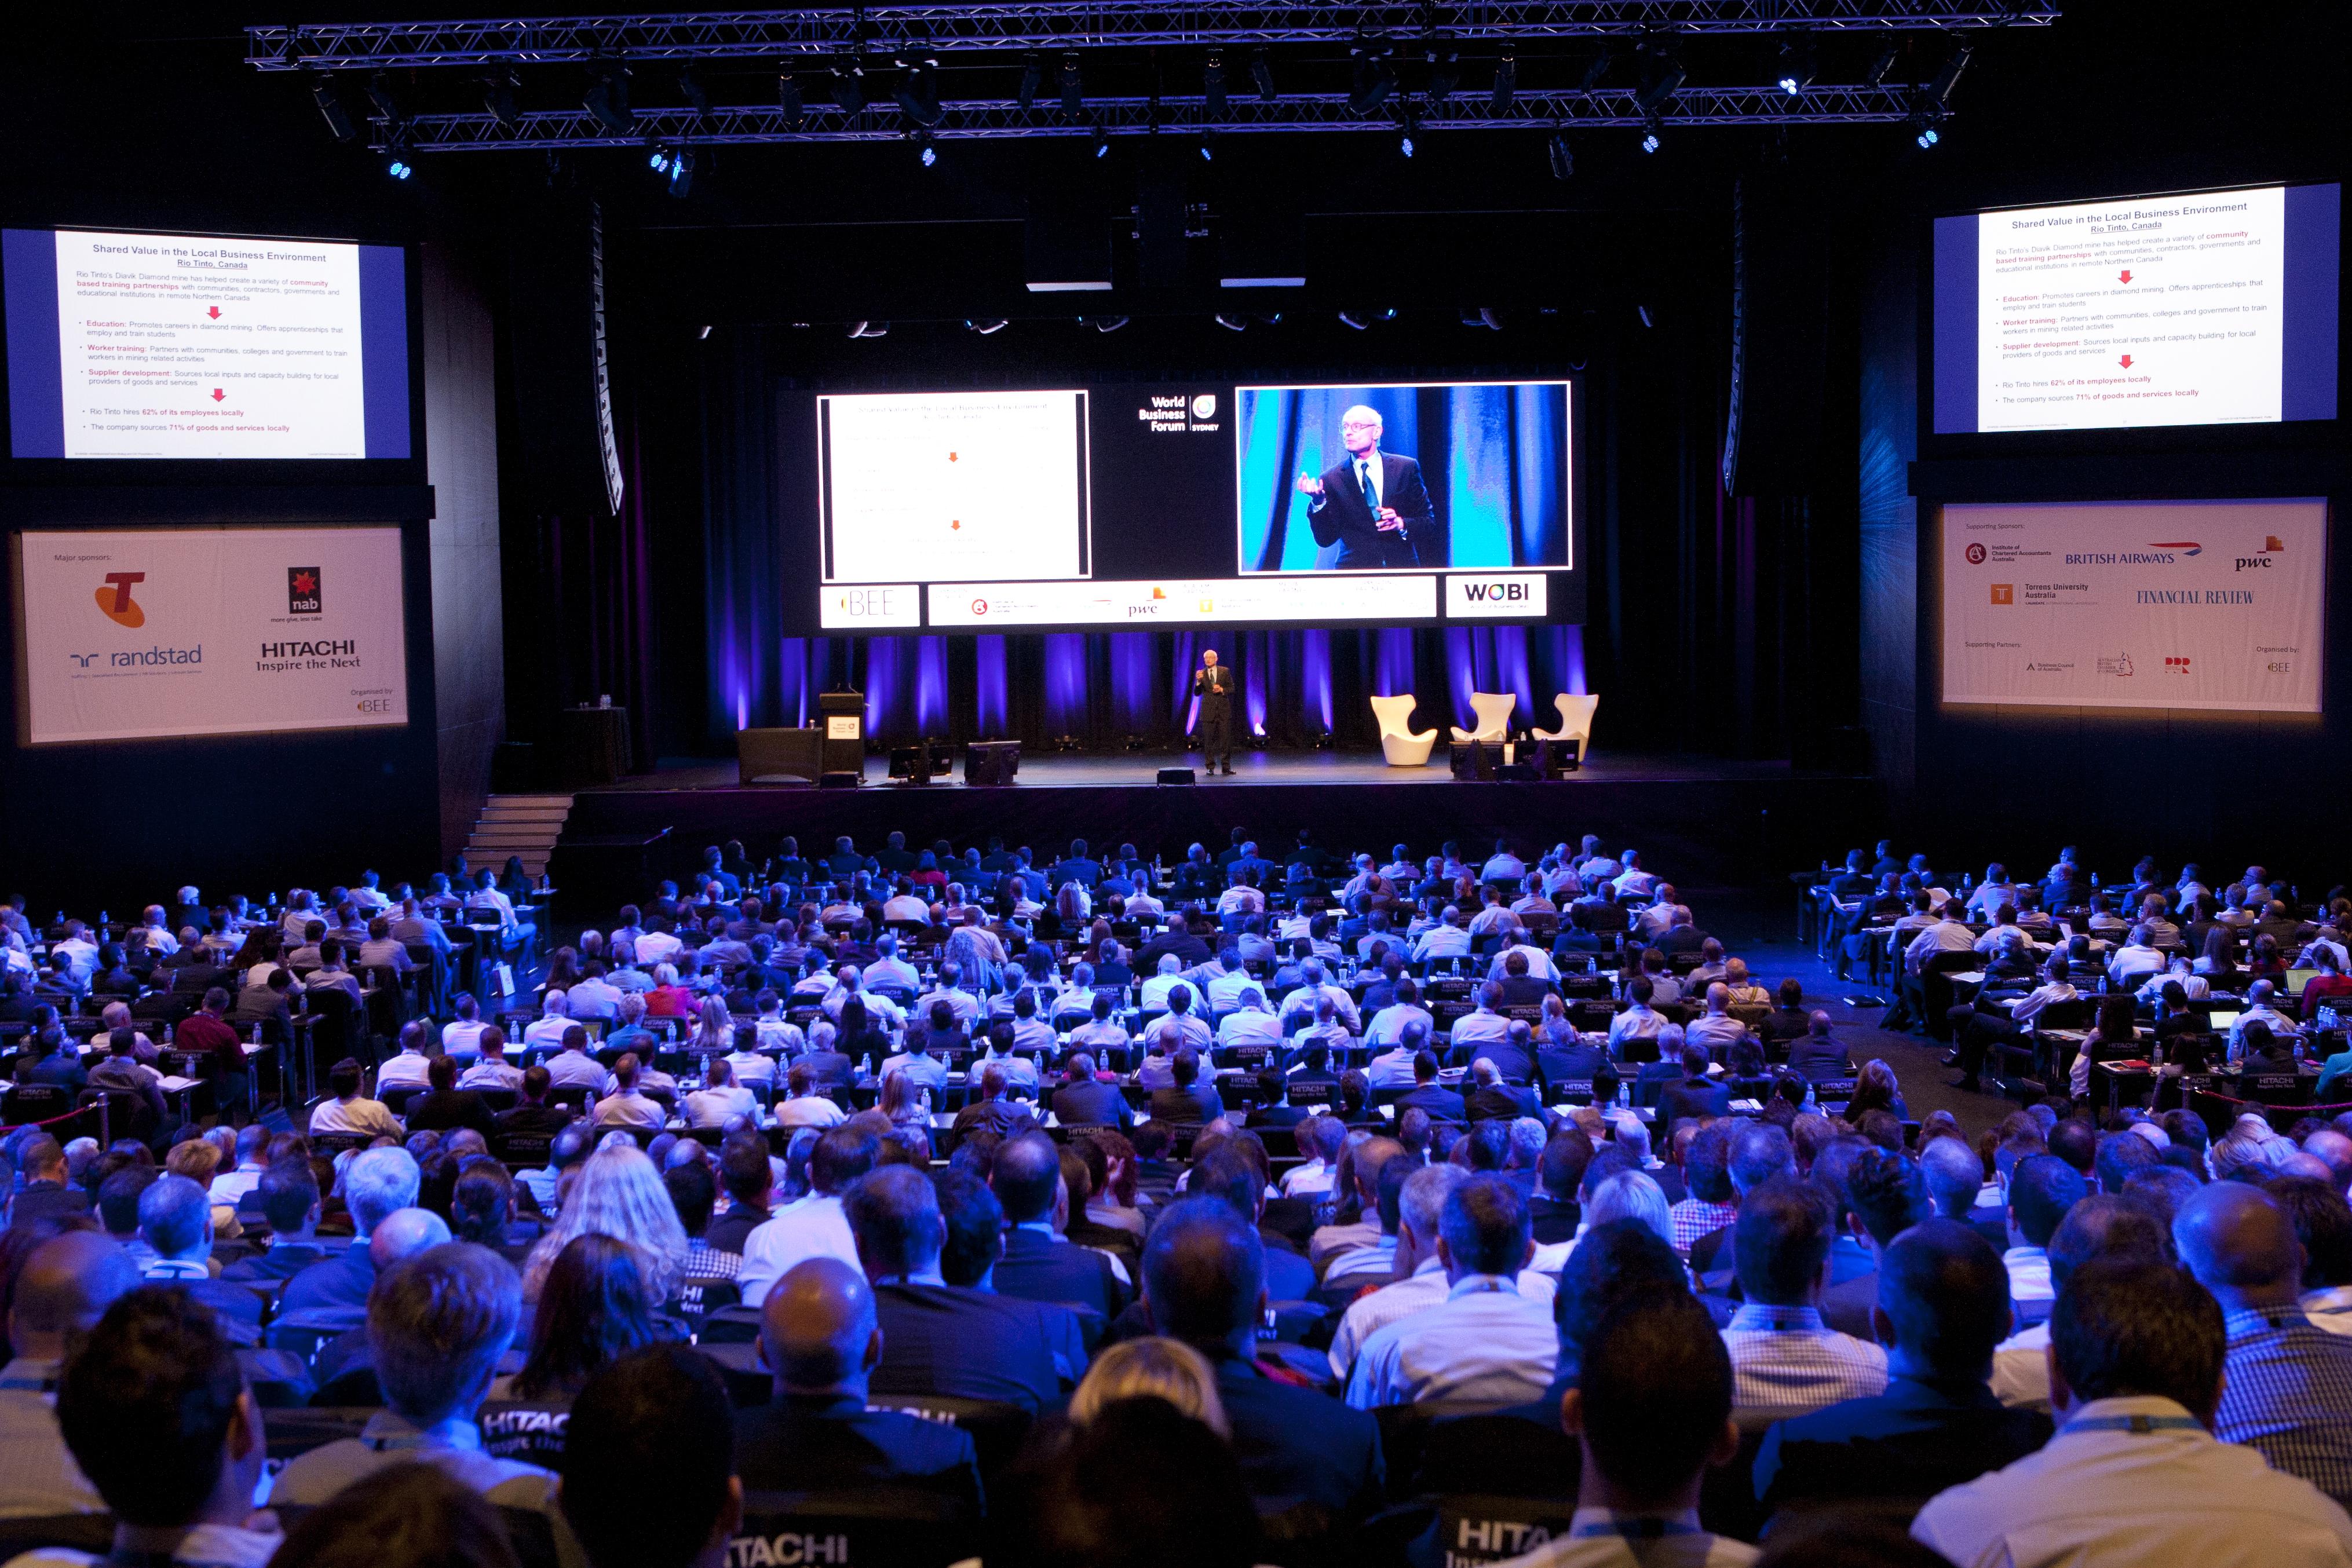 World Business Forum Startalk